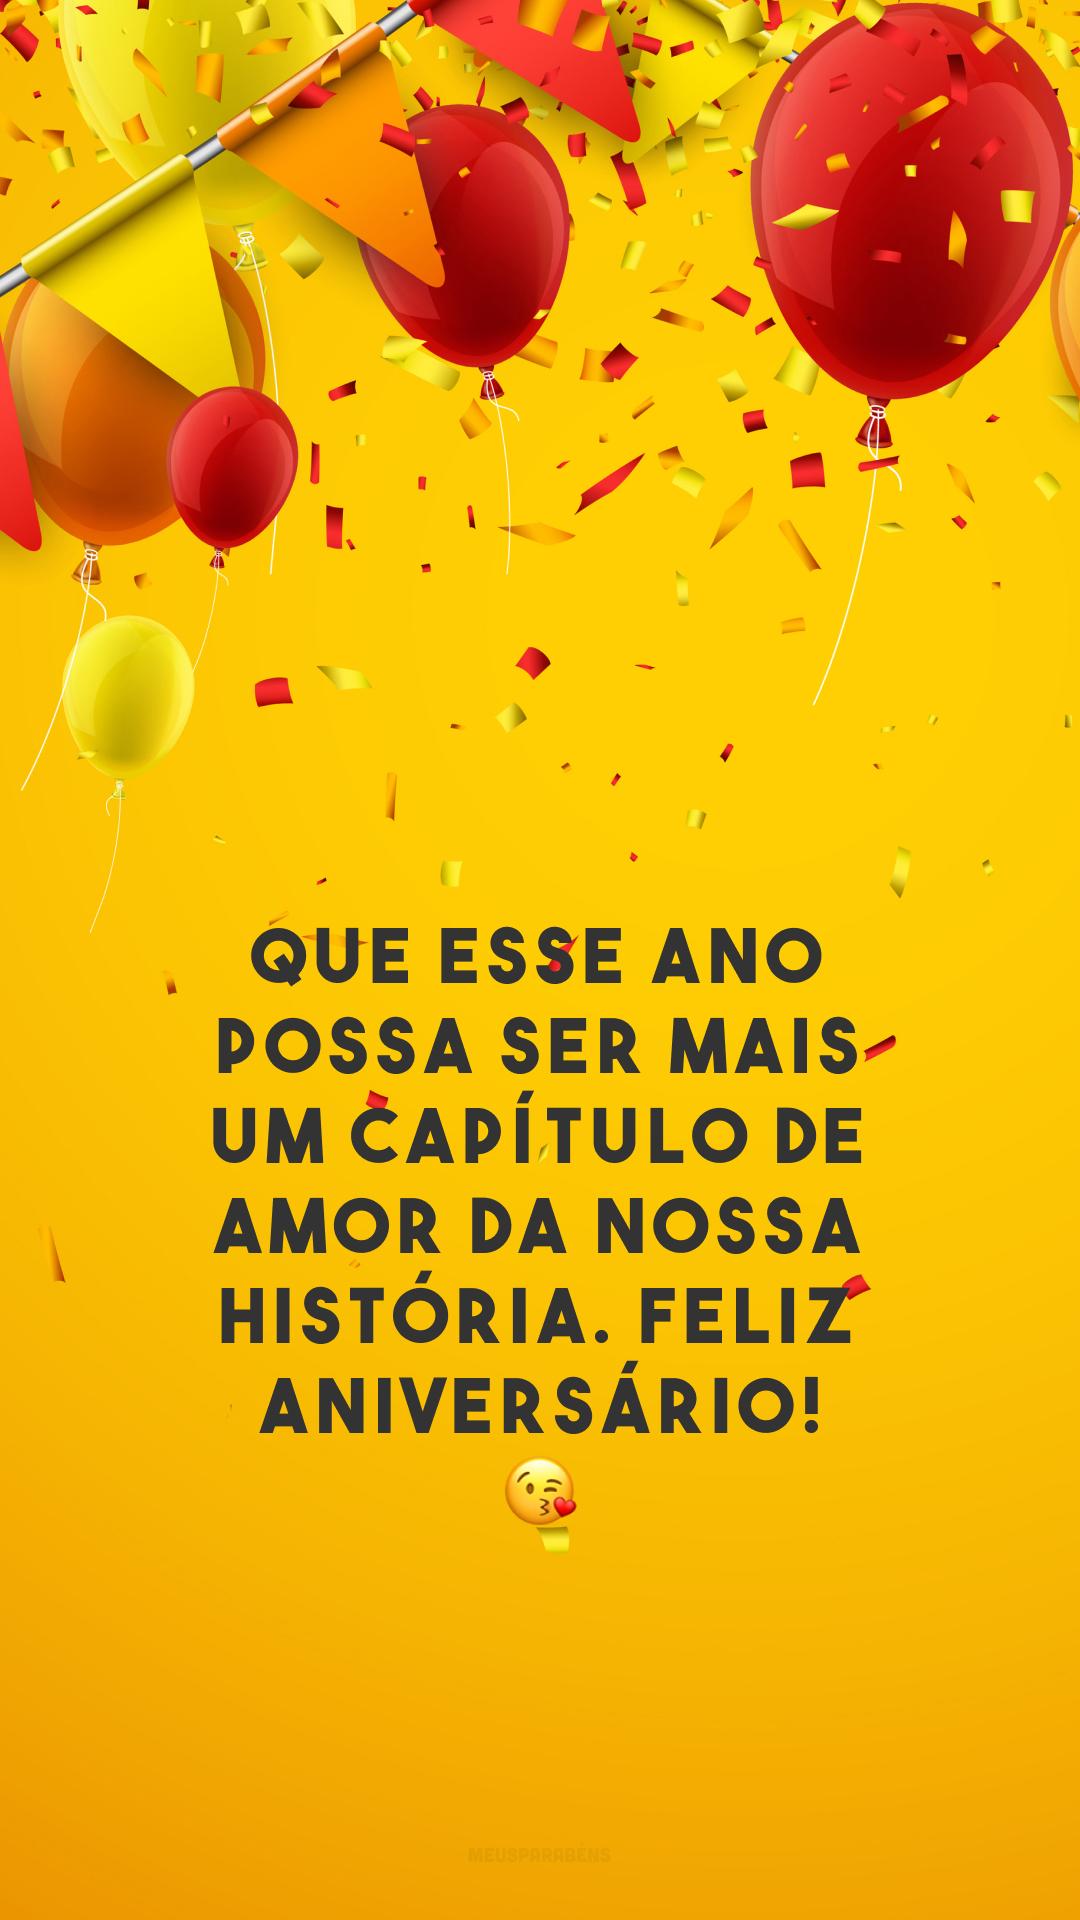 Que esse ano possa ser mais um capítulo de amor da nossa história. Feliz aniversário! 😘